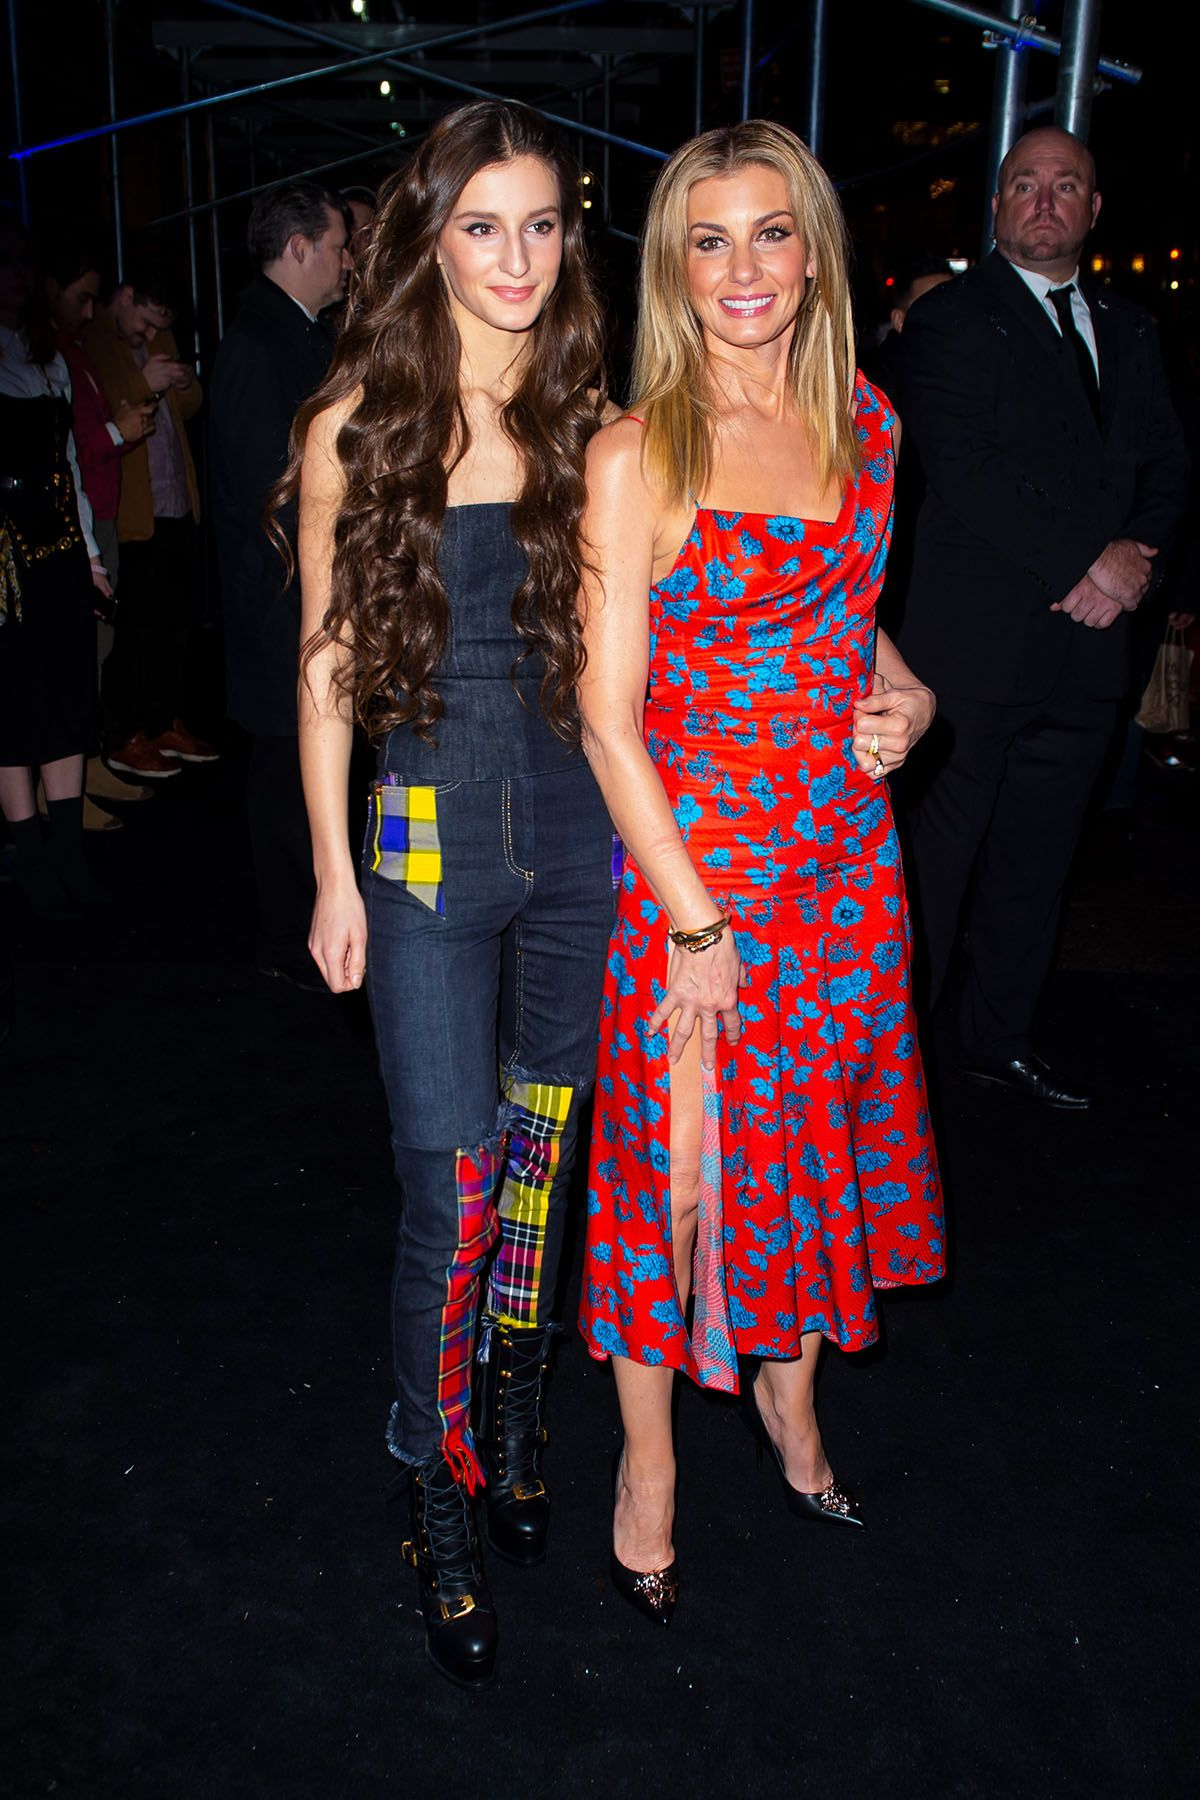 Nữ ca sĩ nhạc đồng quê người Mỹ Faith Hill (phải) bất ngờ xuất hiện cùng cô con gái xinh đẹp tại show diễn của Versace.